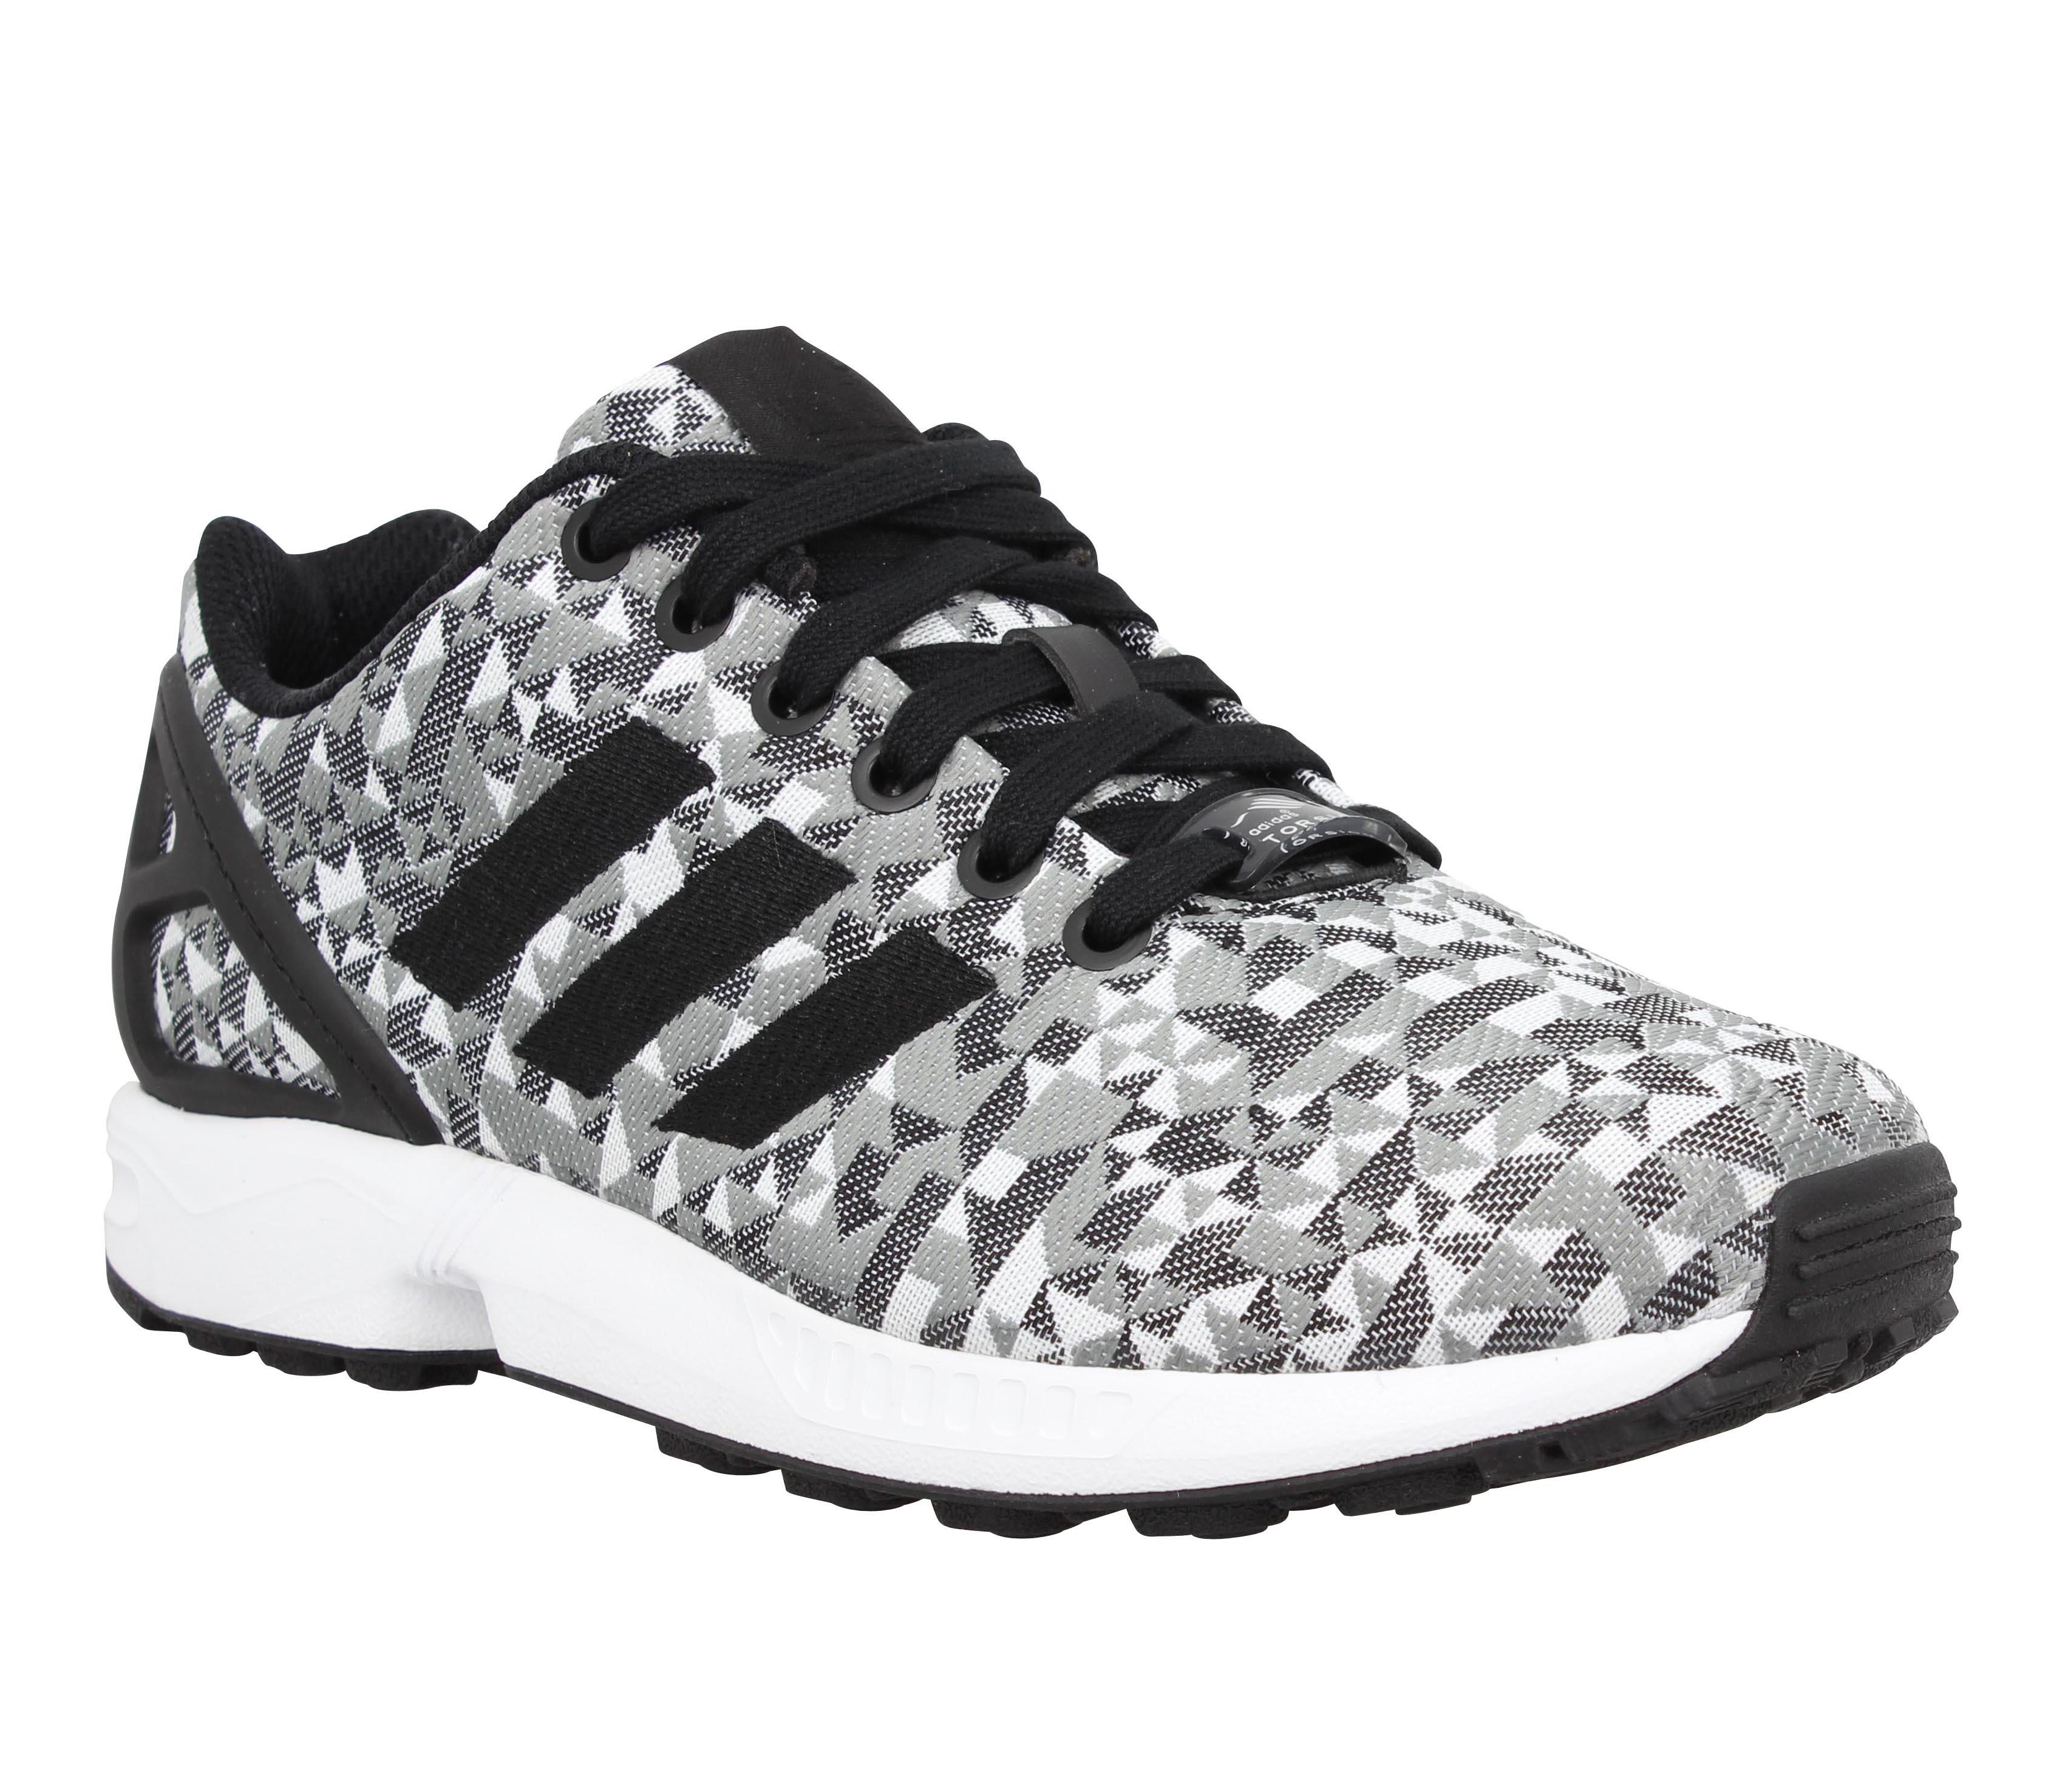 new product f7353 09980 ... buy découvrez original réduction adidas zx flux femme chaussures pas  cher royer2l3o61736 3785c 7deb4